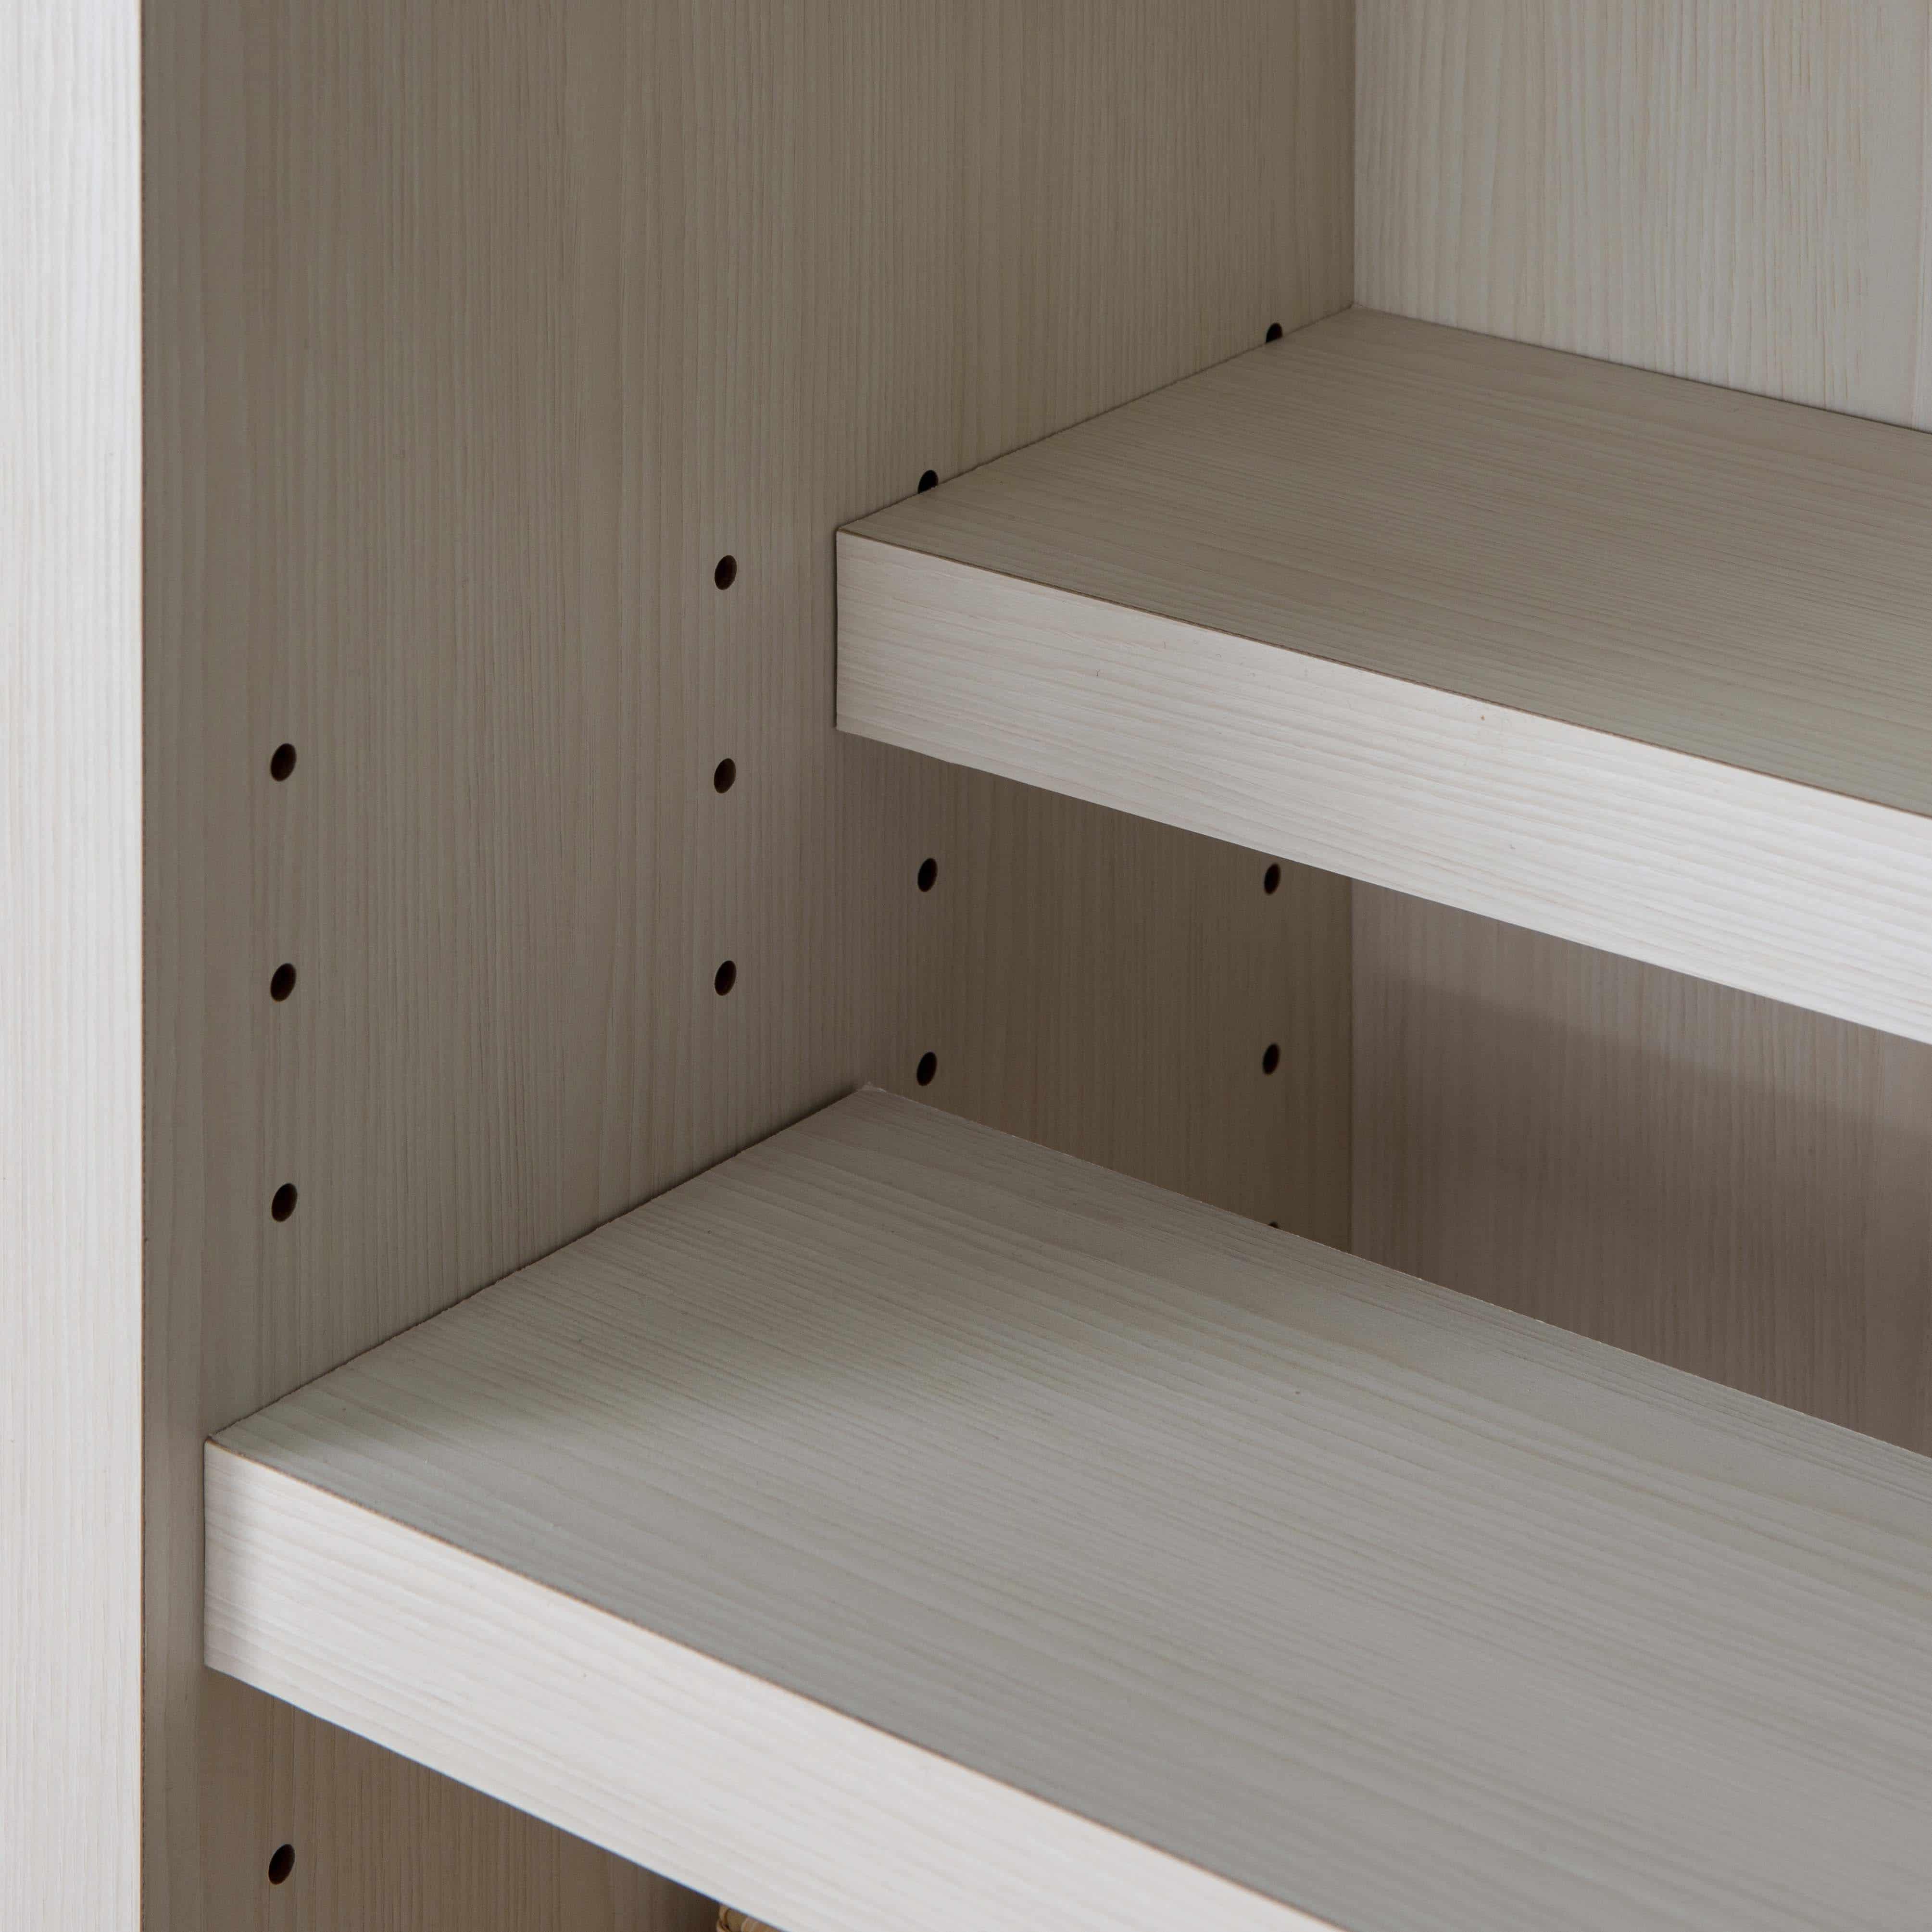 書棚 スカーラ 60Hフリーボード (ダークブラウン):細かな調整で無駄なく収納